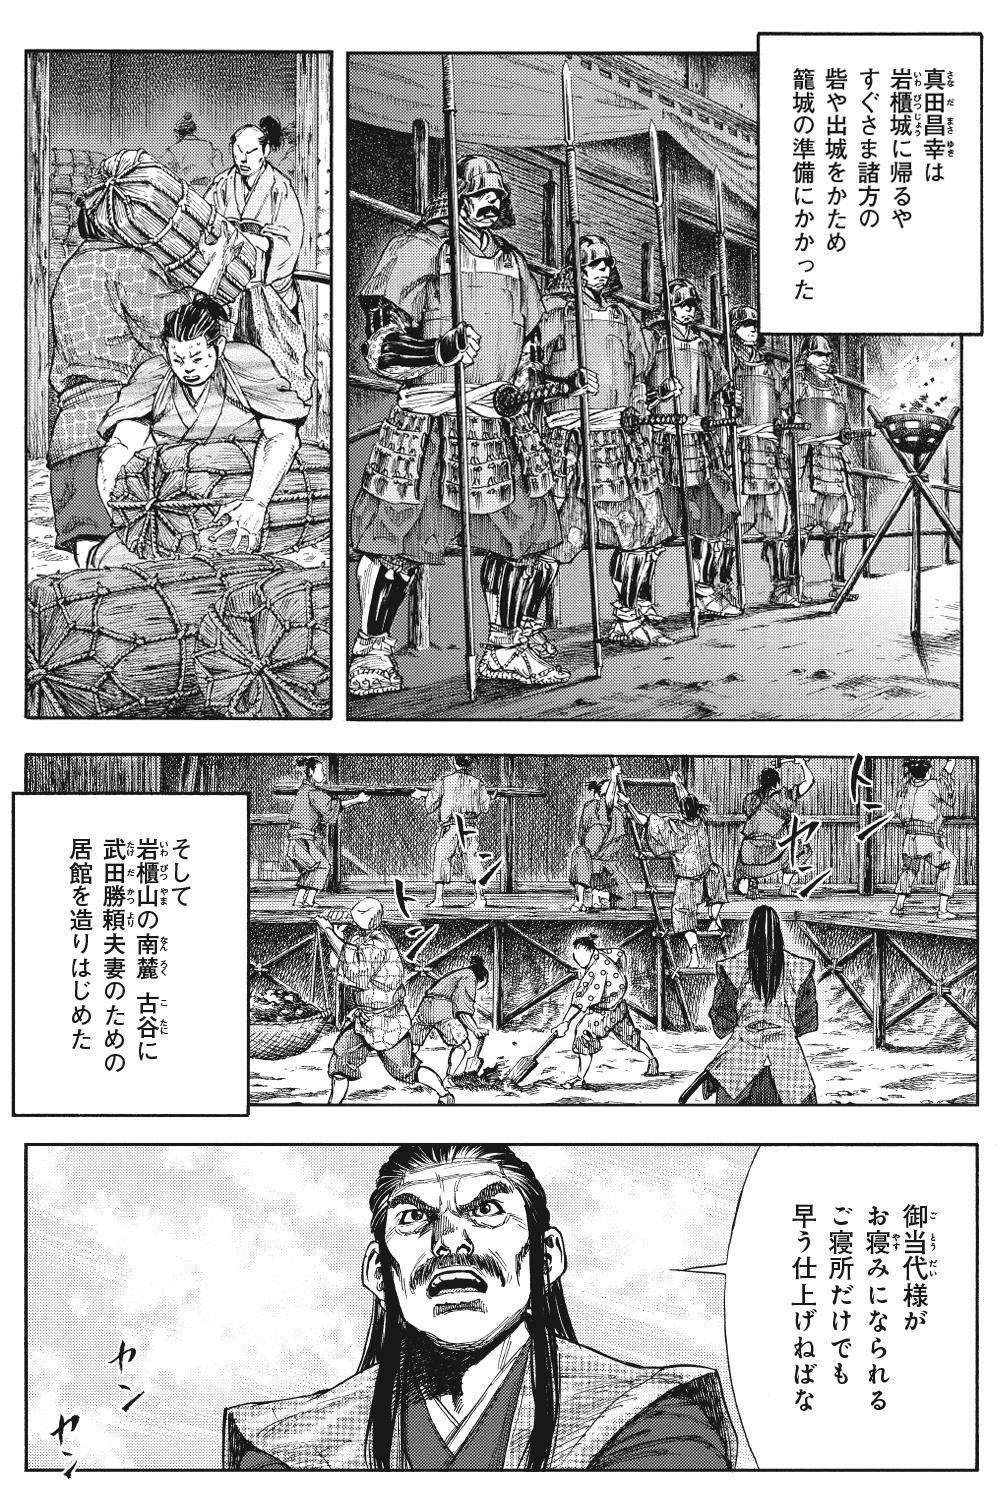 真田太平記 第8話「真田兄弟」①sanada14-02.jpg